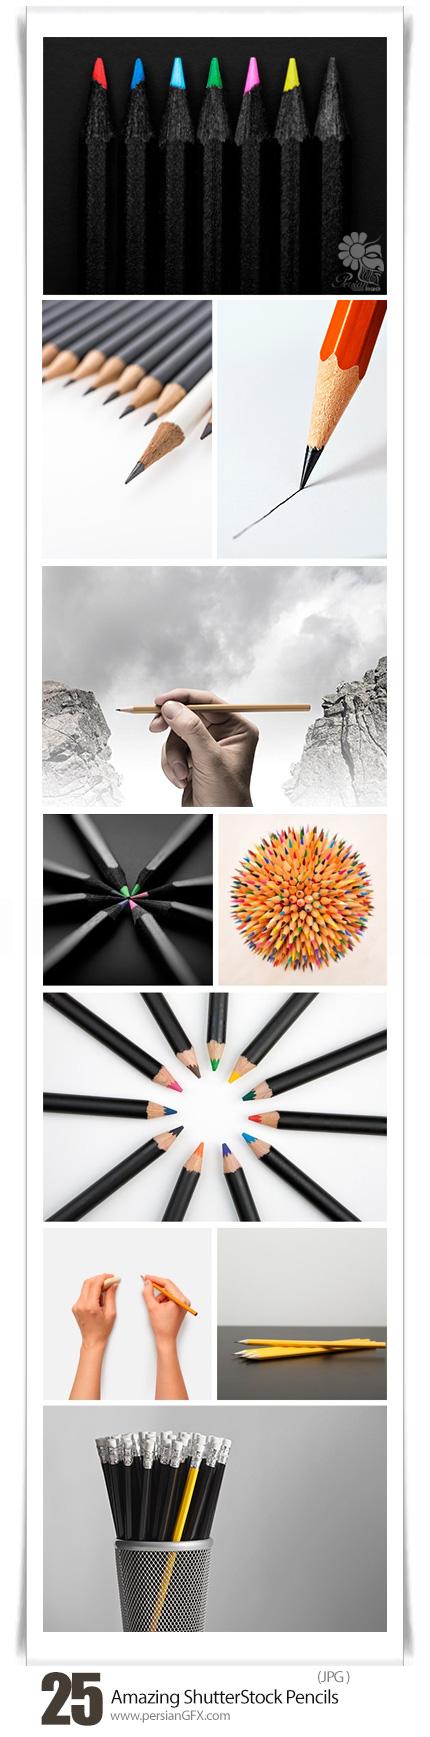 دانلود تصاویر با کیفیت مداد، مداد رنگی از شاتر استوک - Amazing ShutterStock Pencils